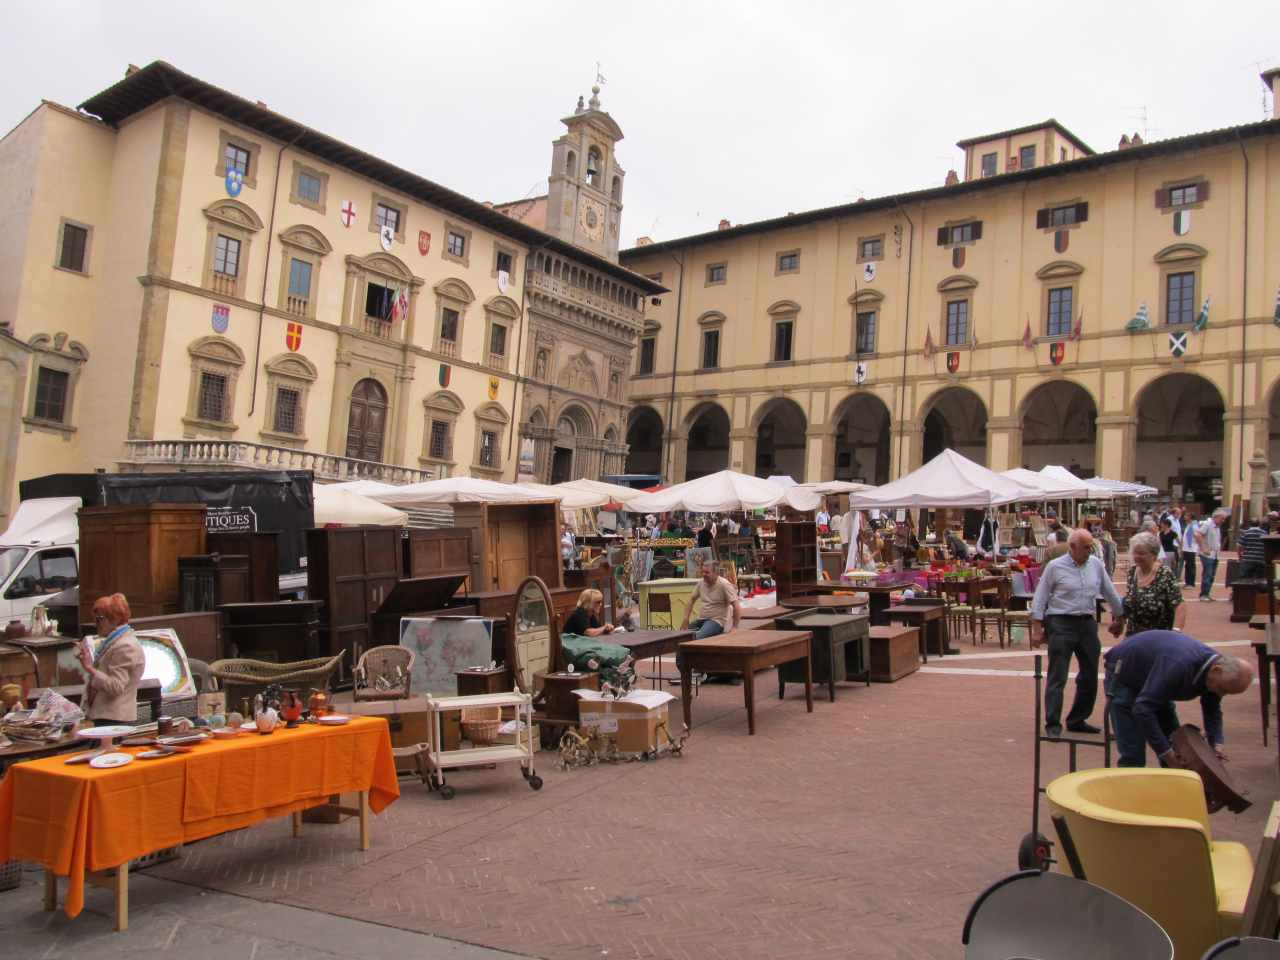 Rosso antico mercatino antiquariato di arezzo for Mercatino antiquariato